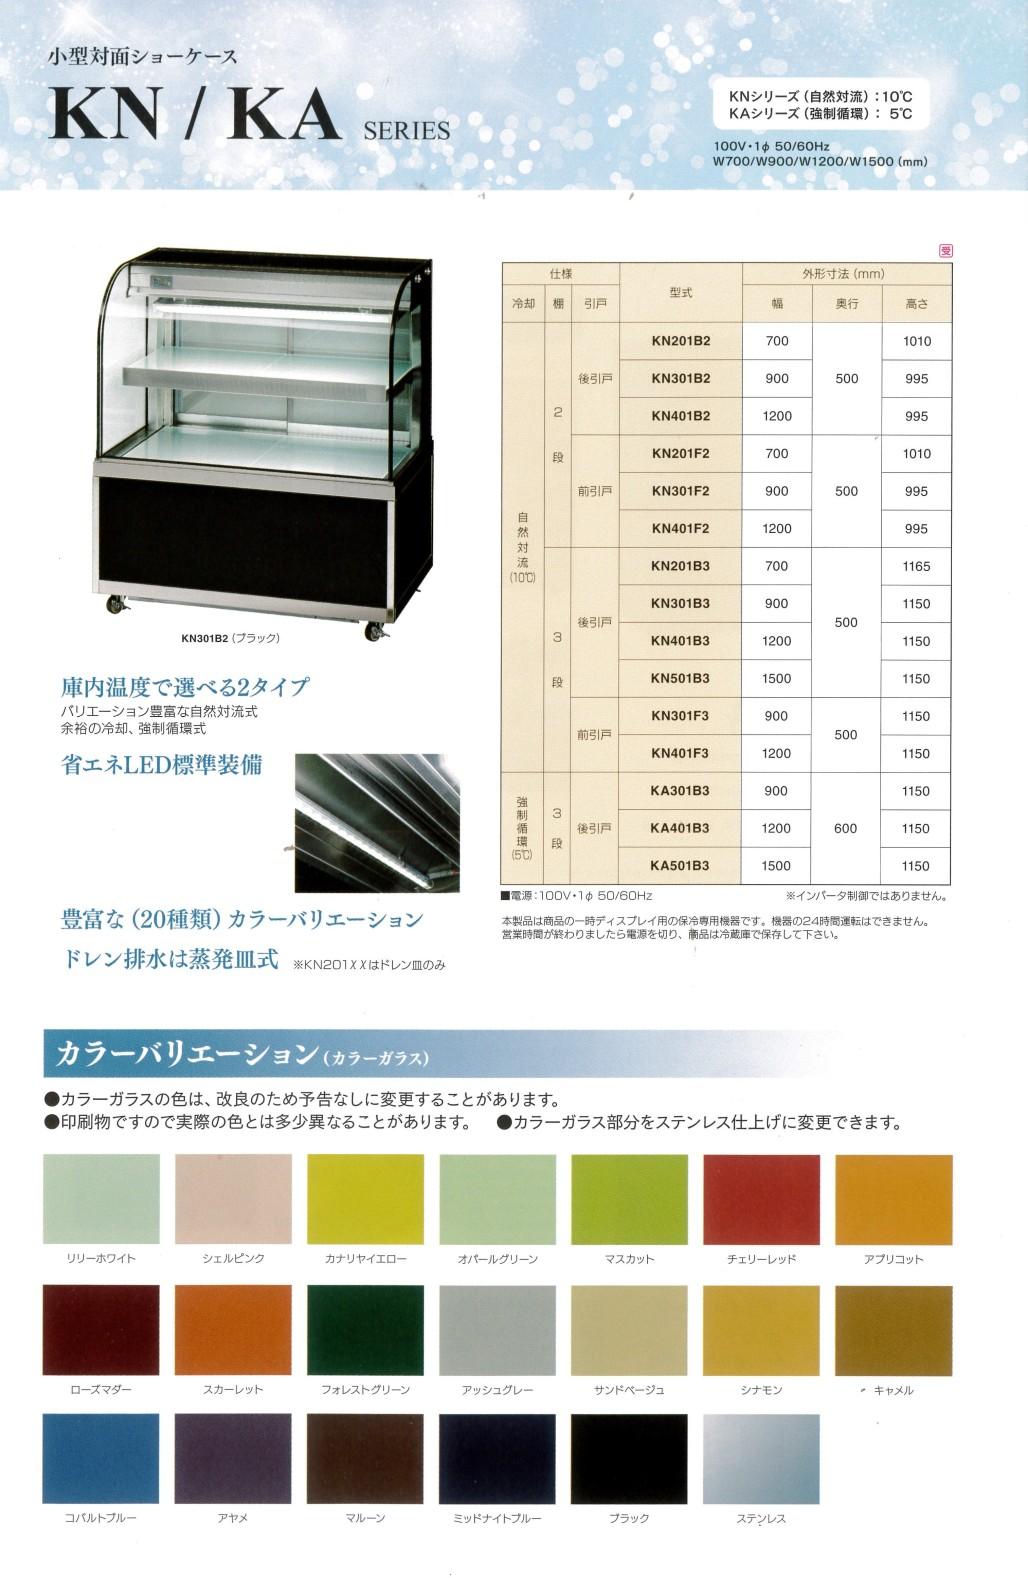 【ダイワ】【業務用】【新品】 対面冷蔵ショーケース KN401B3 単相100V